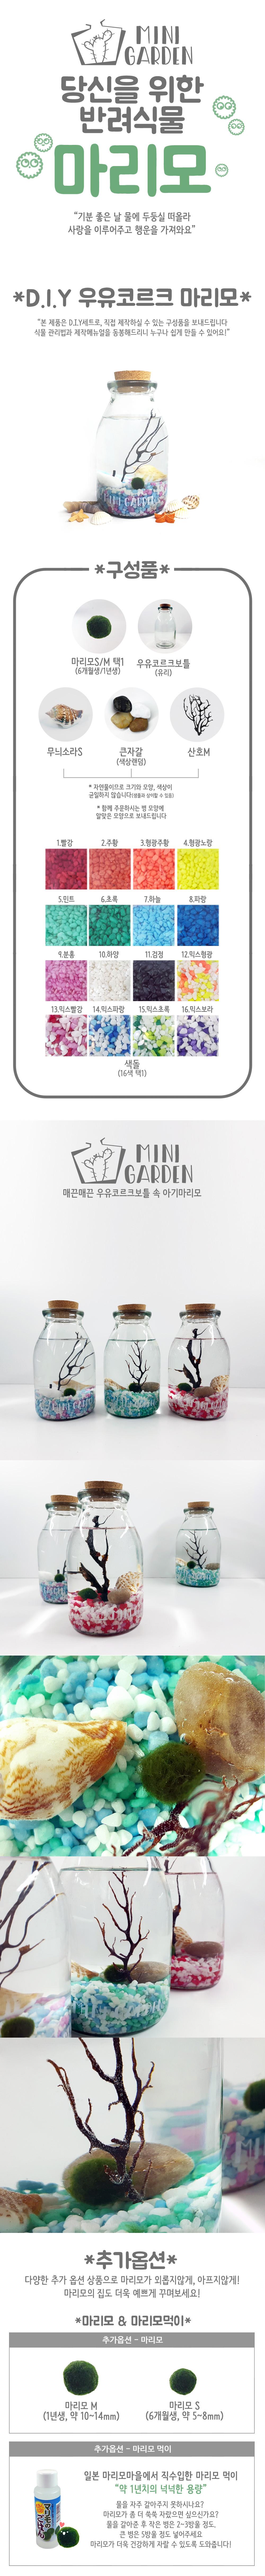 우유코르크 마리모 DIY 세트 - 미니가든, 19,000원, 키우기, 식물